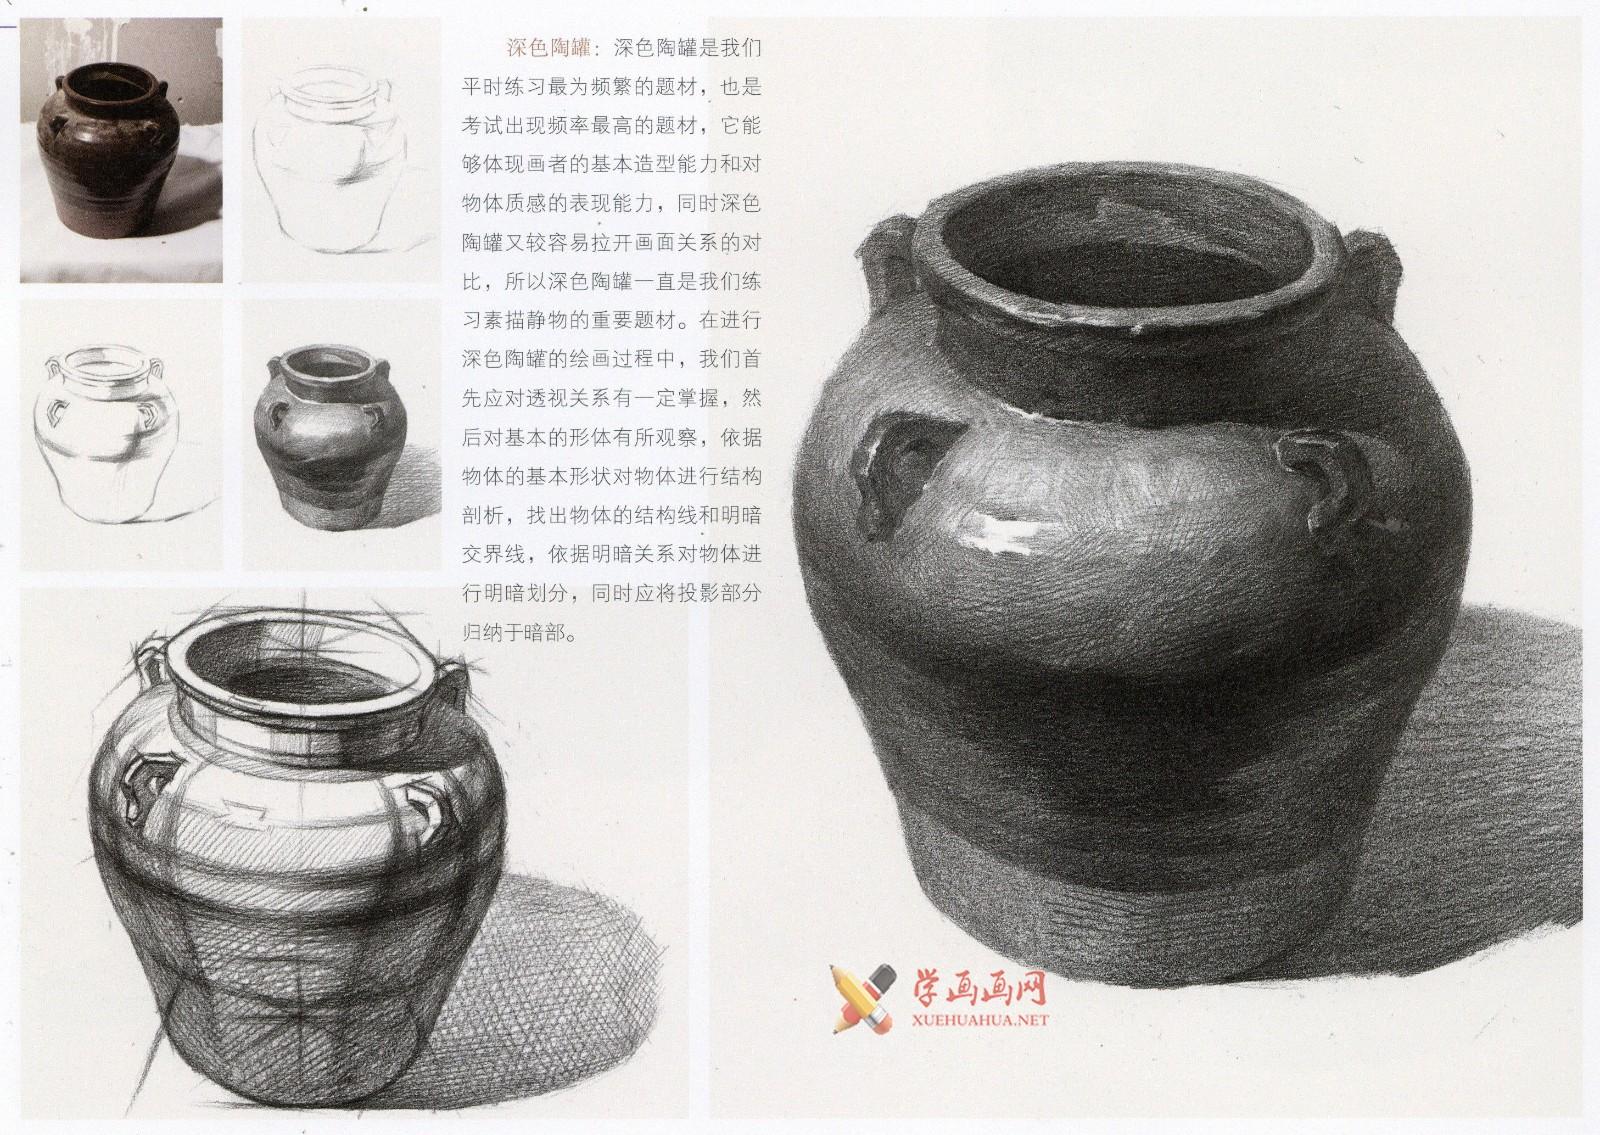 素描陶罐、陶瓷类静物画法图解及临摹范画图片(2)